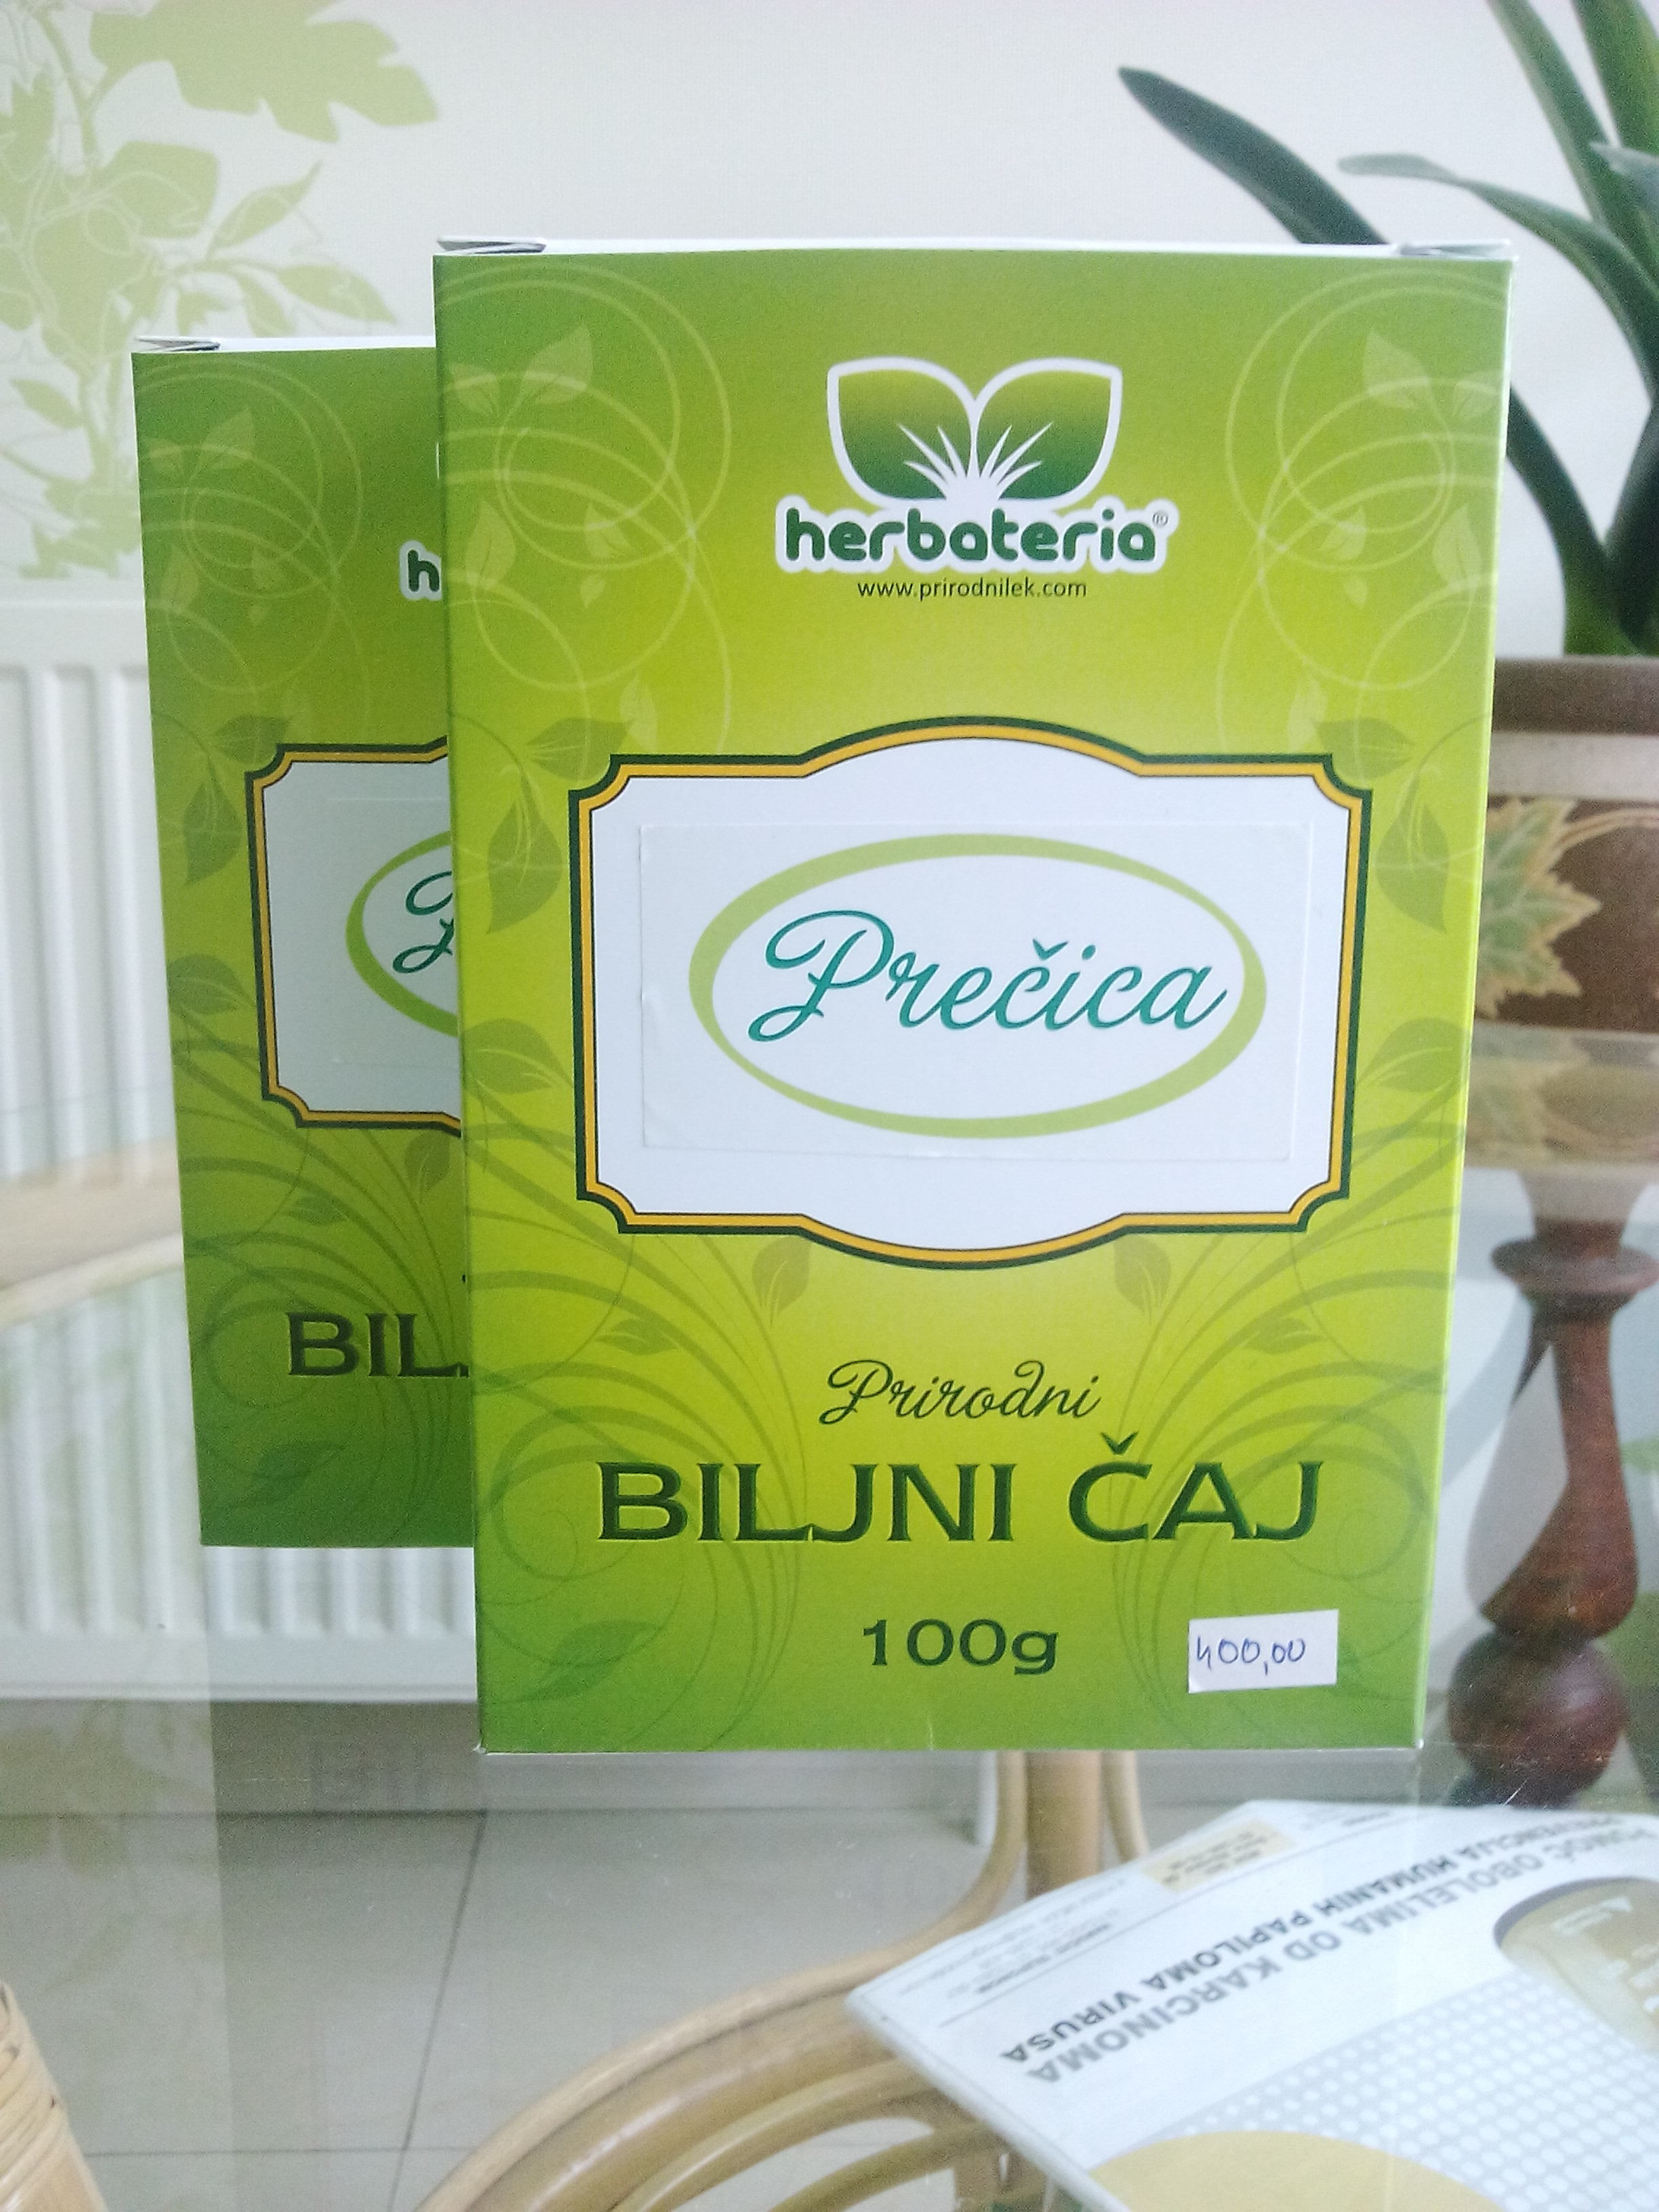 Herbateria - Prečica čaj 100 g 00276